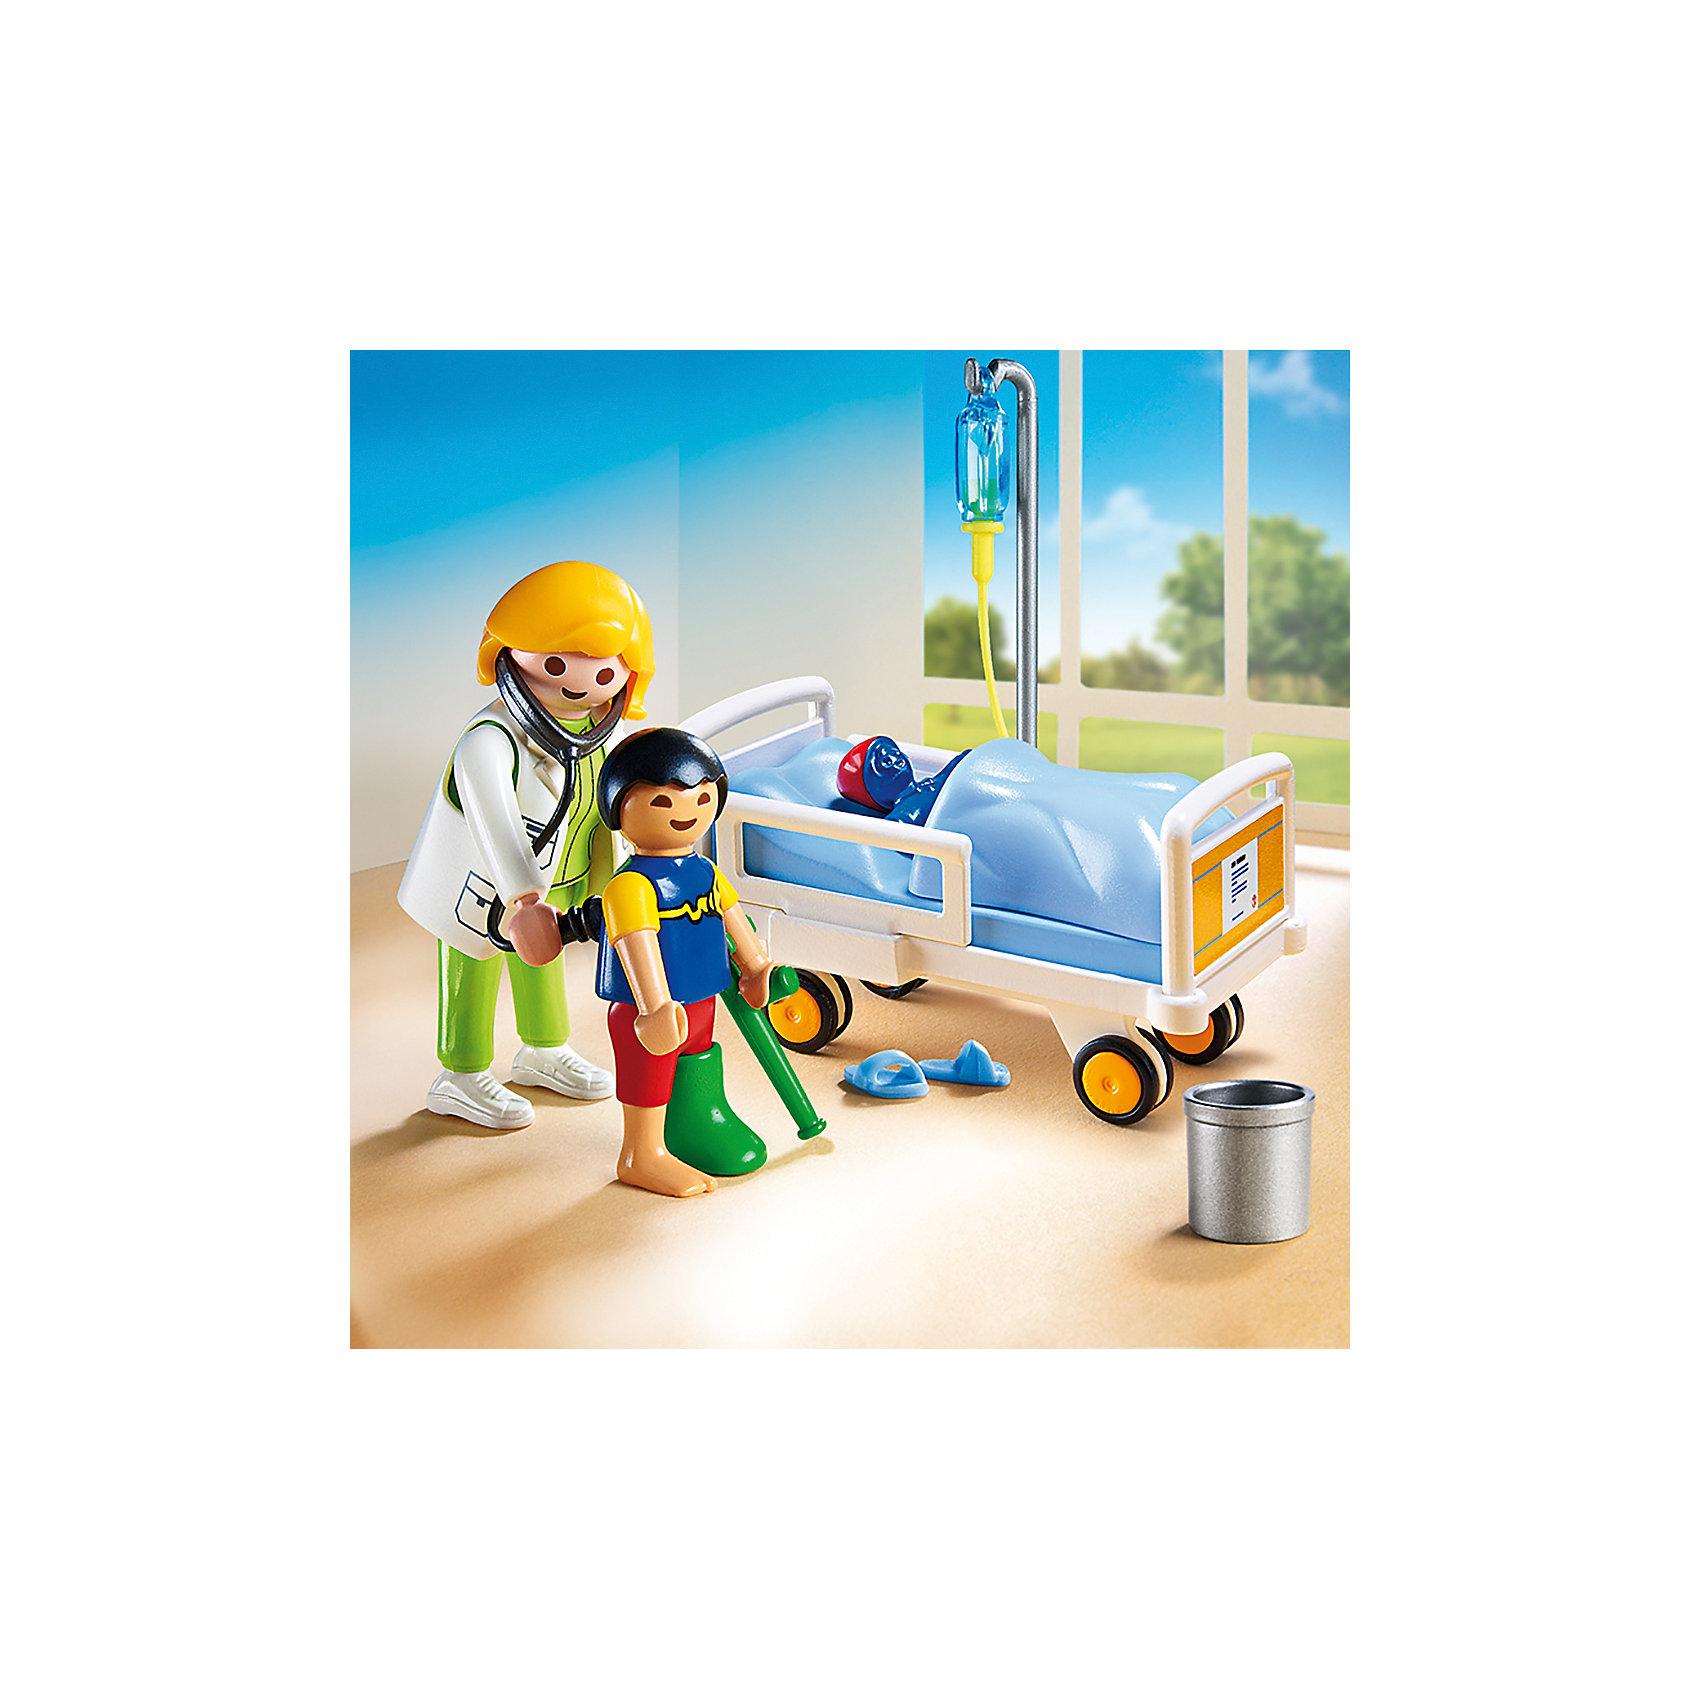 Детская клиника: Доктор с ребенком, PLAYMOBILПластмассовые конструкторы<br>Малыш сломал ногу и теперь ему приходится лежать в больнице. К счастью, заботливый и умный доктор быстро вылечит его. В палате установлена удобная кровать (предназначена исключительно для фигурок детей), боковые стенки которой можно снять. Фигурки имеют подвижные конечности, в руки можно вложить различные предметы. Все детали прекрасно проработаны и выполнены из высококачественного экологичного пластика безопасного для детей. Играть с таким набором не только приятно и интересно - подобные виды игры развивают мелкую моторику, воображение, творческое мышление.<br><br>Дополнительная информация:<br><br>- 2 фигурки.<br>- Комплектация: 2 фигурки, игрушка, гипс на ногу и на руку, повязка на голову, мусорное ведро, тапочки, капельница, кровать. <br>- Материал: пластик.<br>- Размер упаковки: 20х15х7 см.<br>- Высота фигурки: 7,5 см.<br>- Высота фигурки ребенка: 5,5 см.<br>- Голова, руки, ноги у фигурки подвижные.<br><br>Набор Детская клиника: Доктор с ребенком, PLAYMOBIL (Плеймобил), можно купить в нашем магазине.<br><br>Ширина мм: 148<br>Глубина мм: 142<br>Высота мм: 71<br>Вес г: 126<br>Возраст от месяцев: 48<br>Возраст до месяцев: 120<br>Пол: Унисекс<br>Возраст: Детский<br>SKU: 4012466